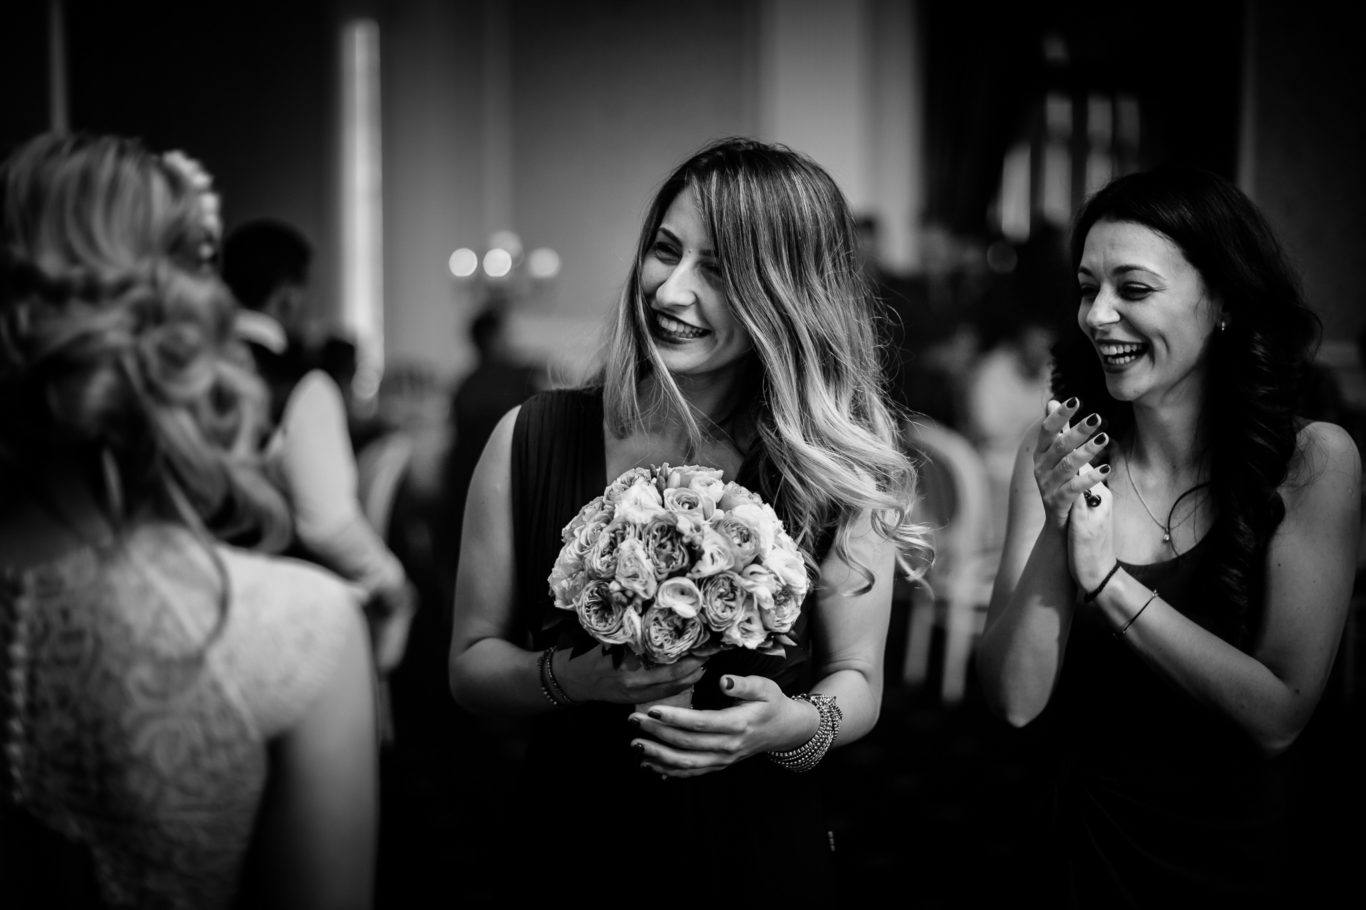 1083-Fotografie-nunta-Mirela-Iulian-fotograf-Ciprian-Dumitrescu-DCF_8333